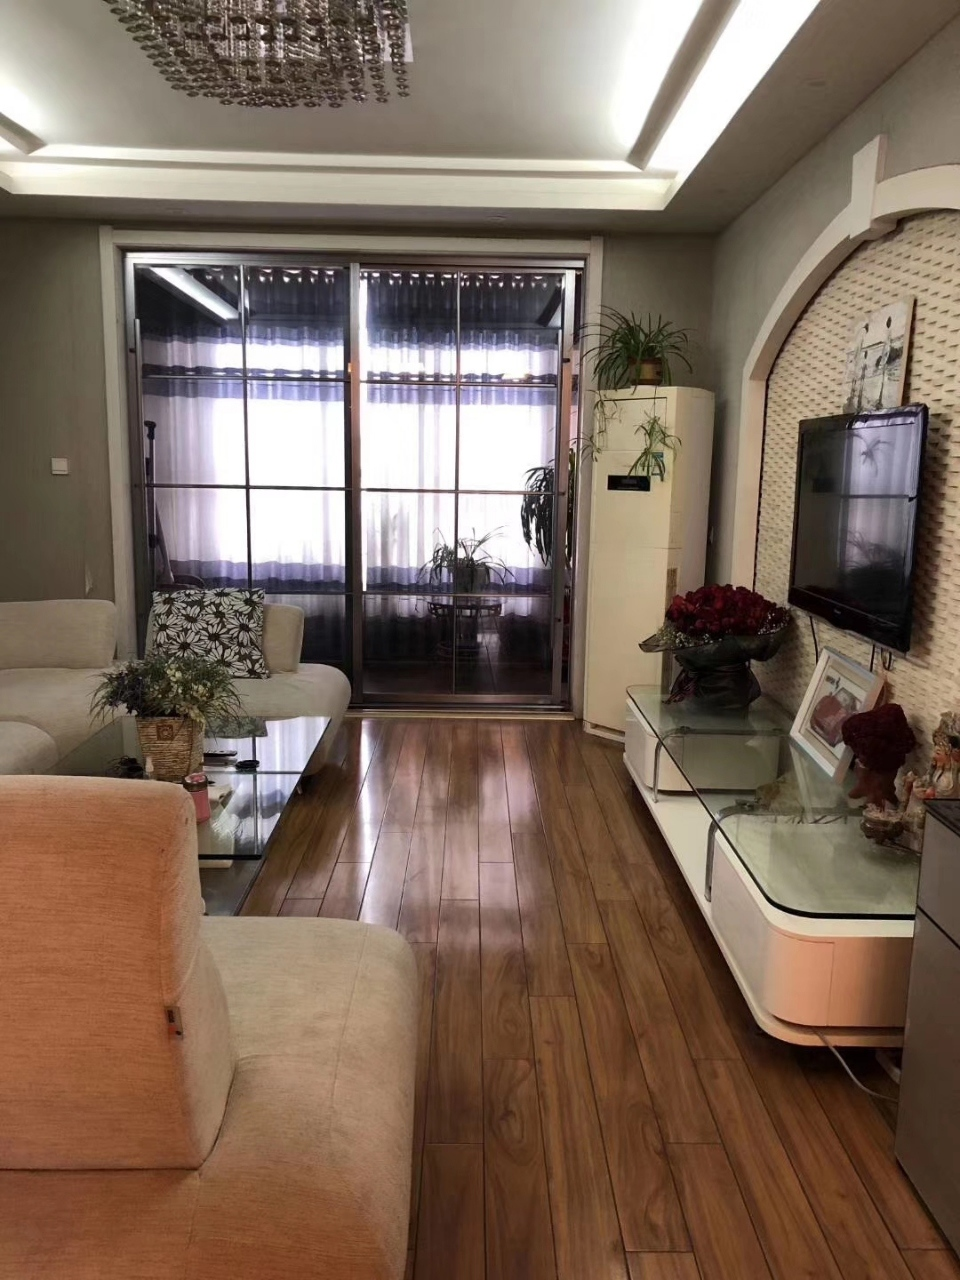 鳳山花園3室2廳2衛91萬元可貸款送家電